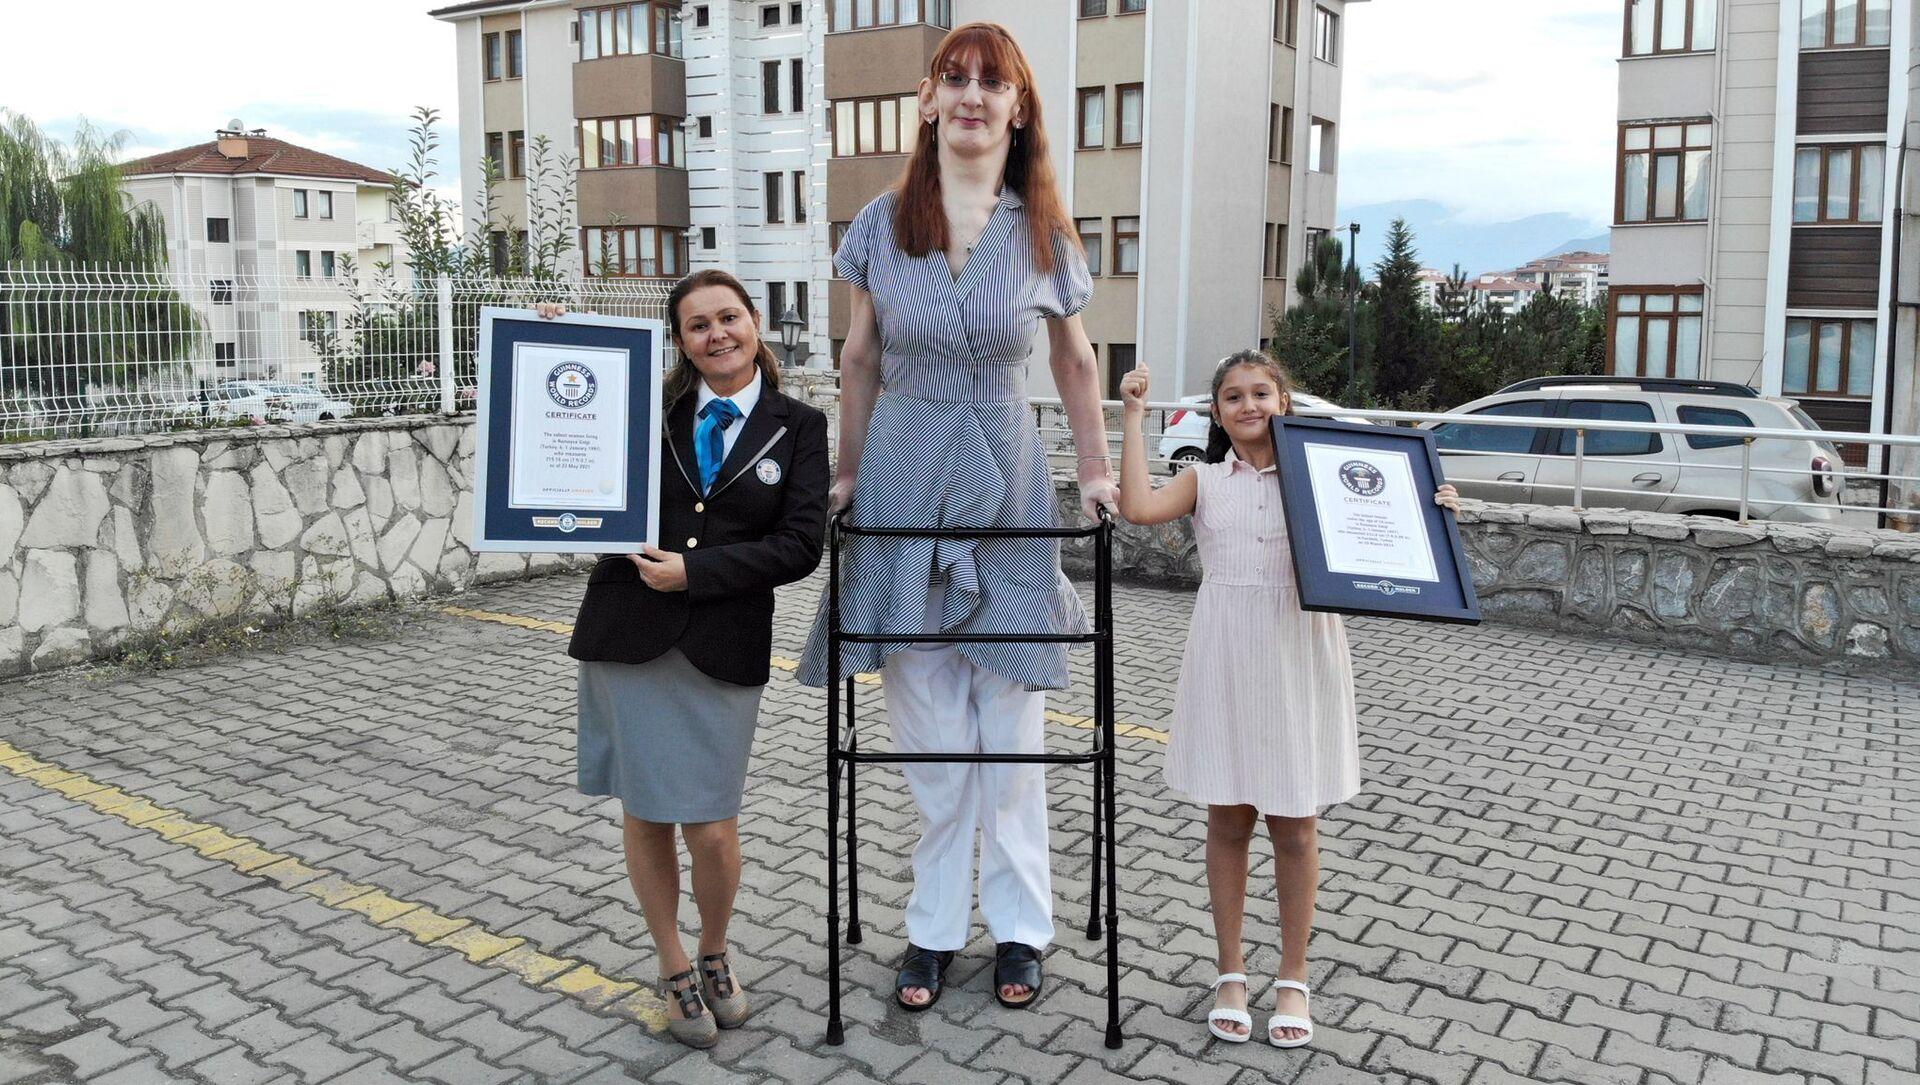 身長215.16センチのトルコ人女性 - Sputnik 日本, 1920, 14.10.2021